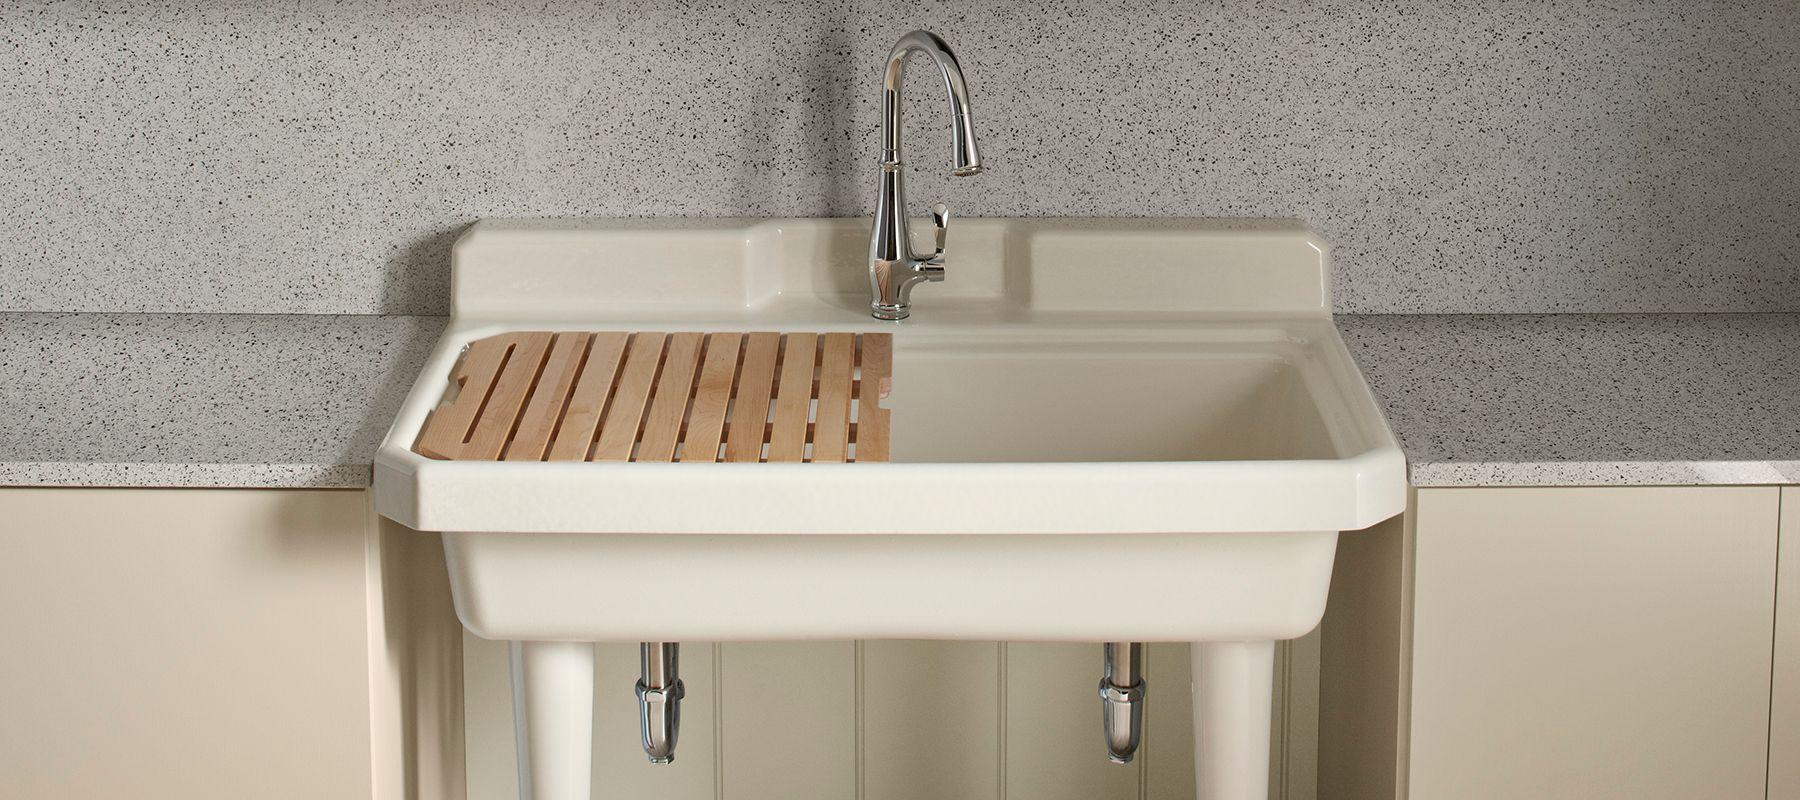 utility sinks kitchen kohler